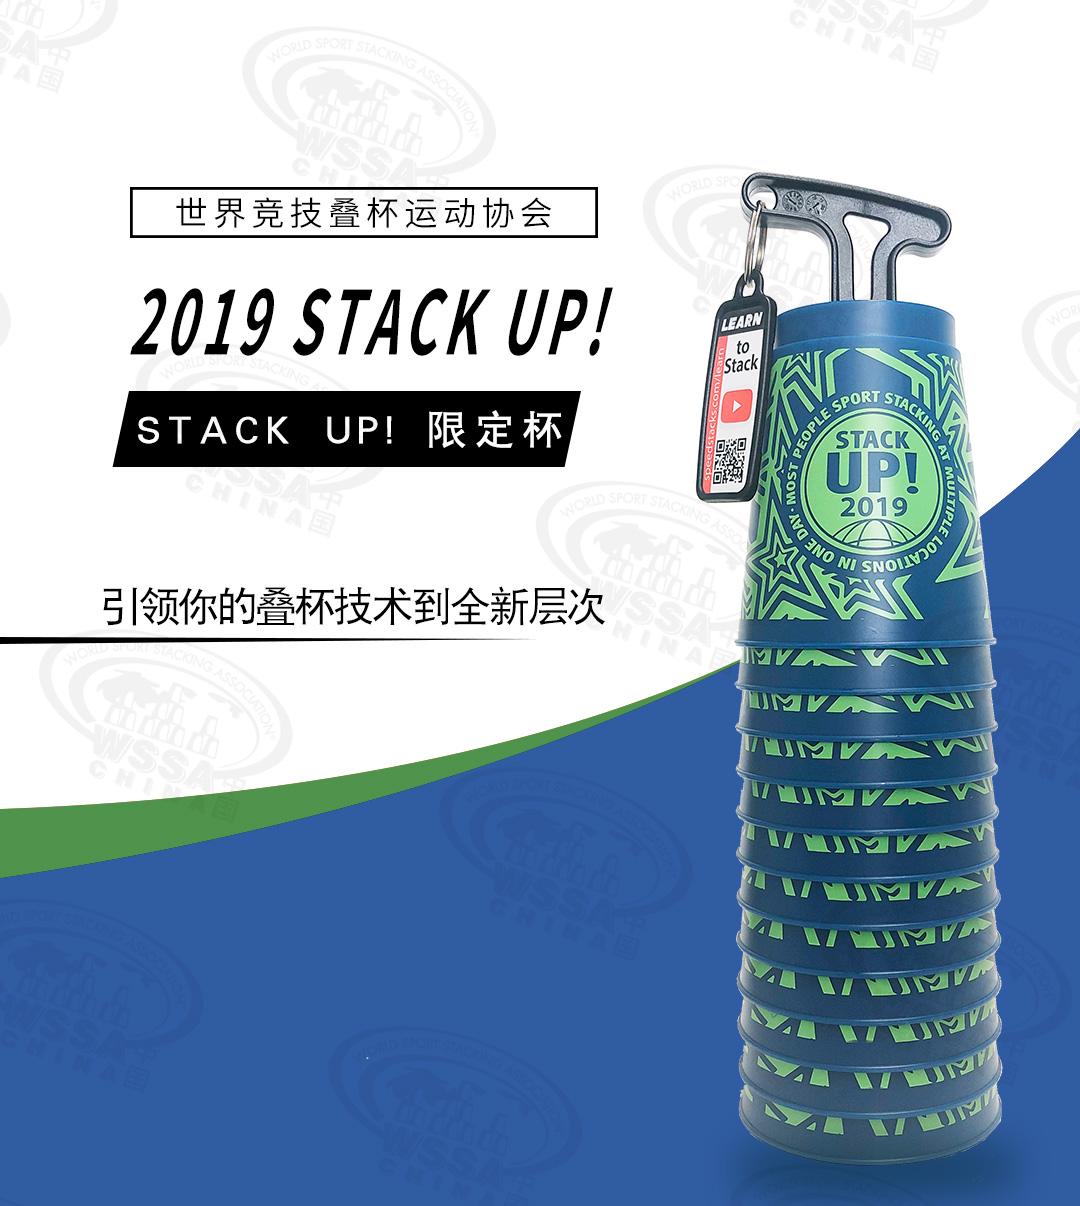 WSSA 2019 STACK UP! 叠起来! 限量纪念杯 吉尼斯世界纪录日